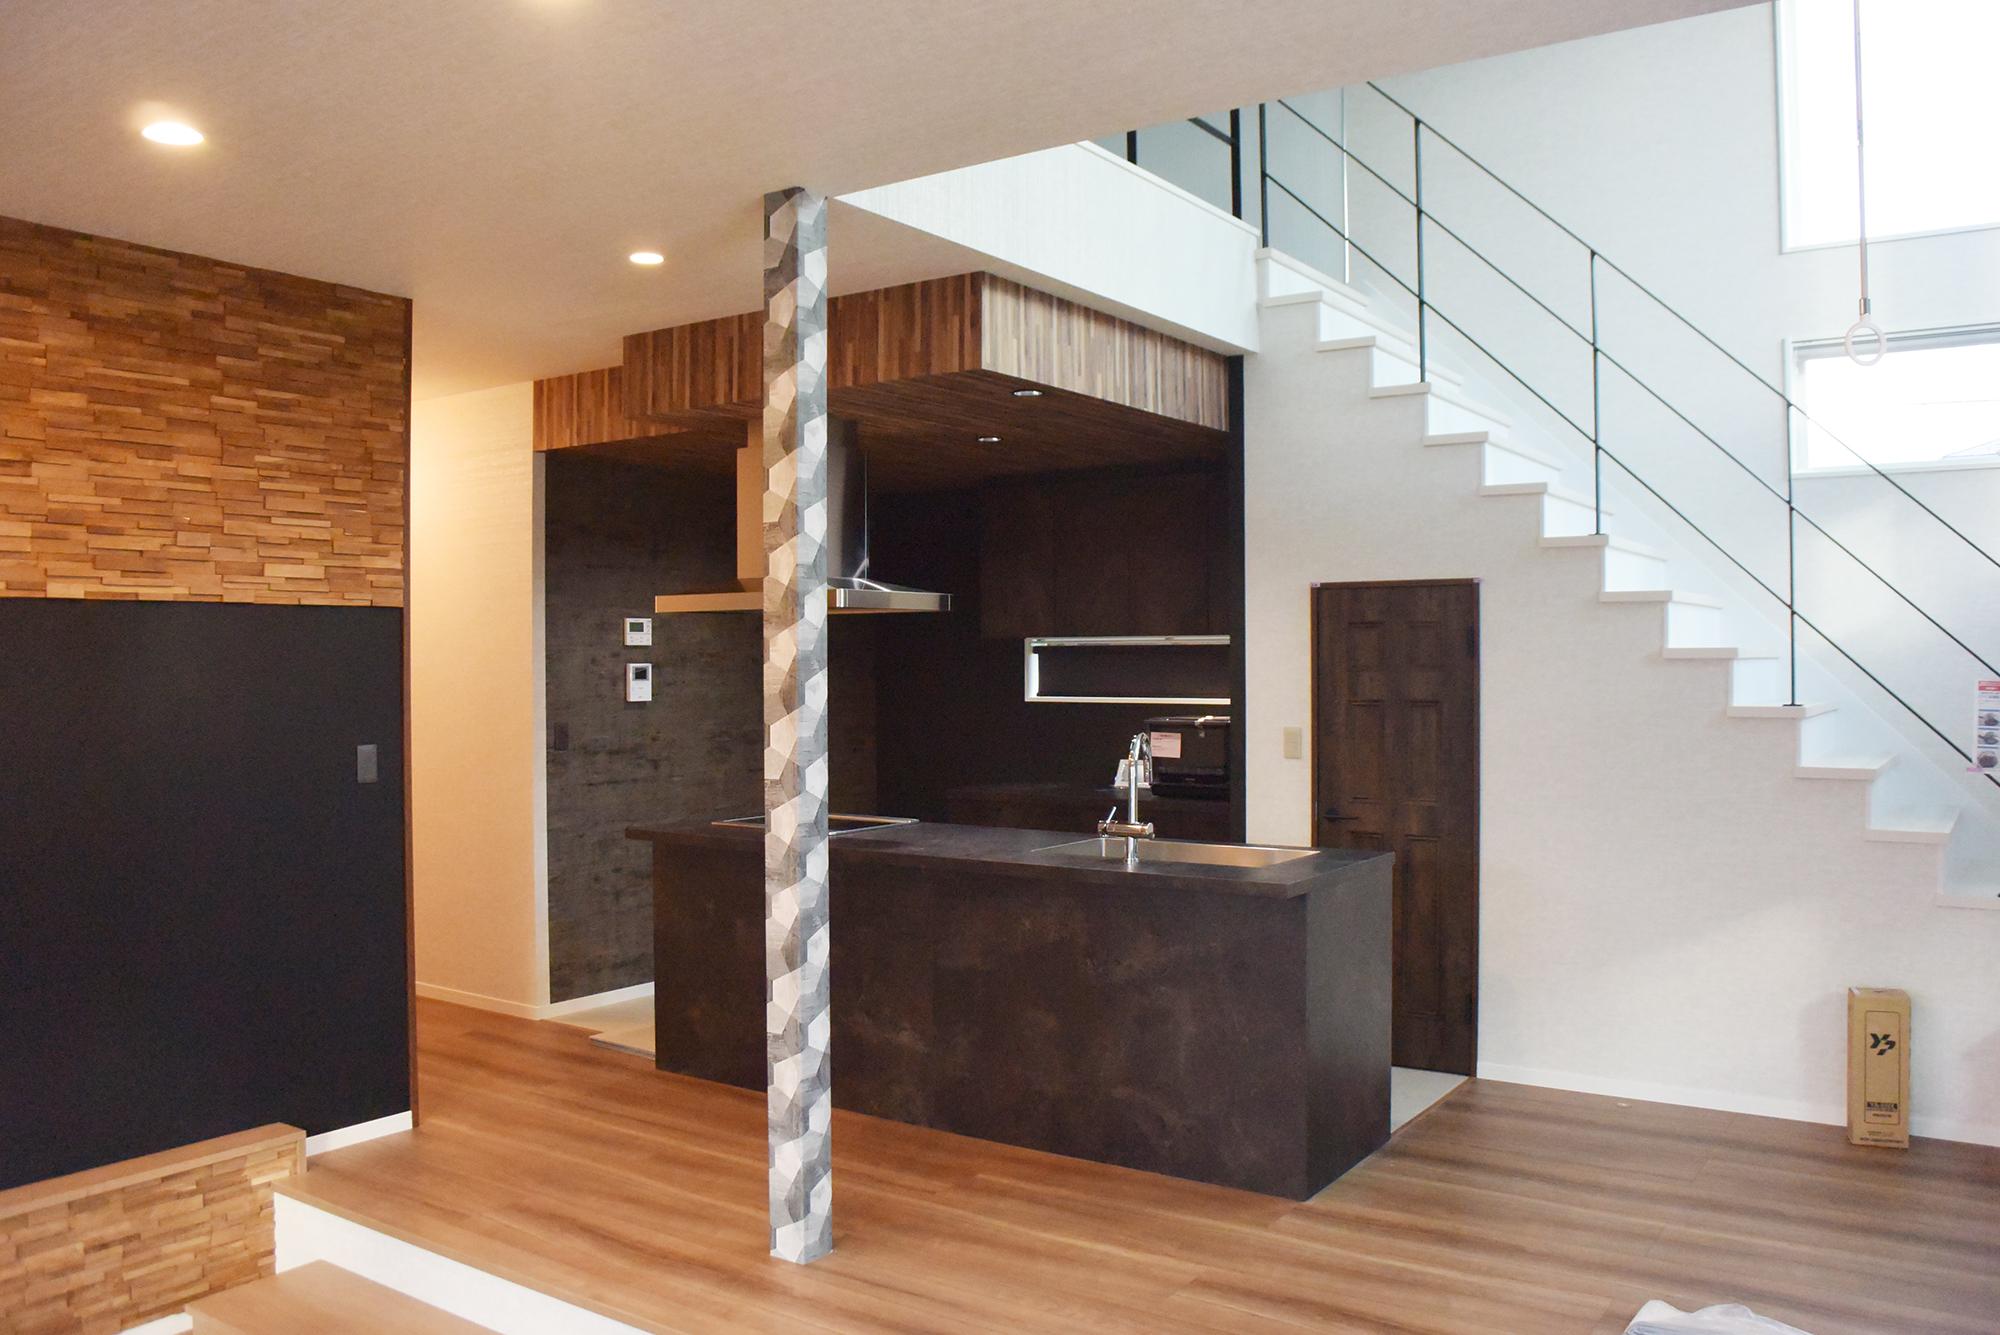 リビングからキッチンスペースと吹き抜け階段を見渡します。